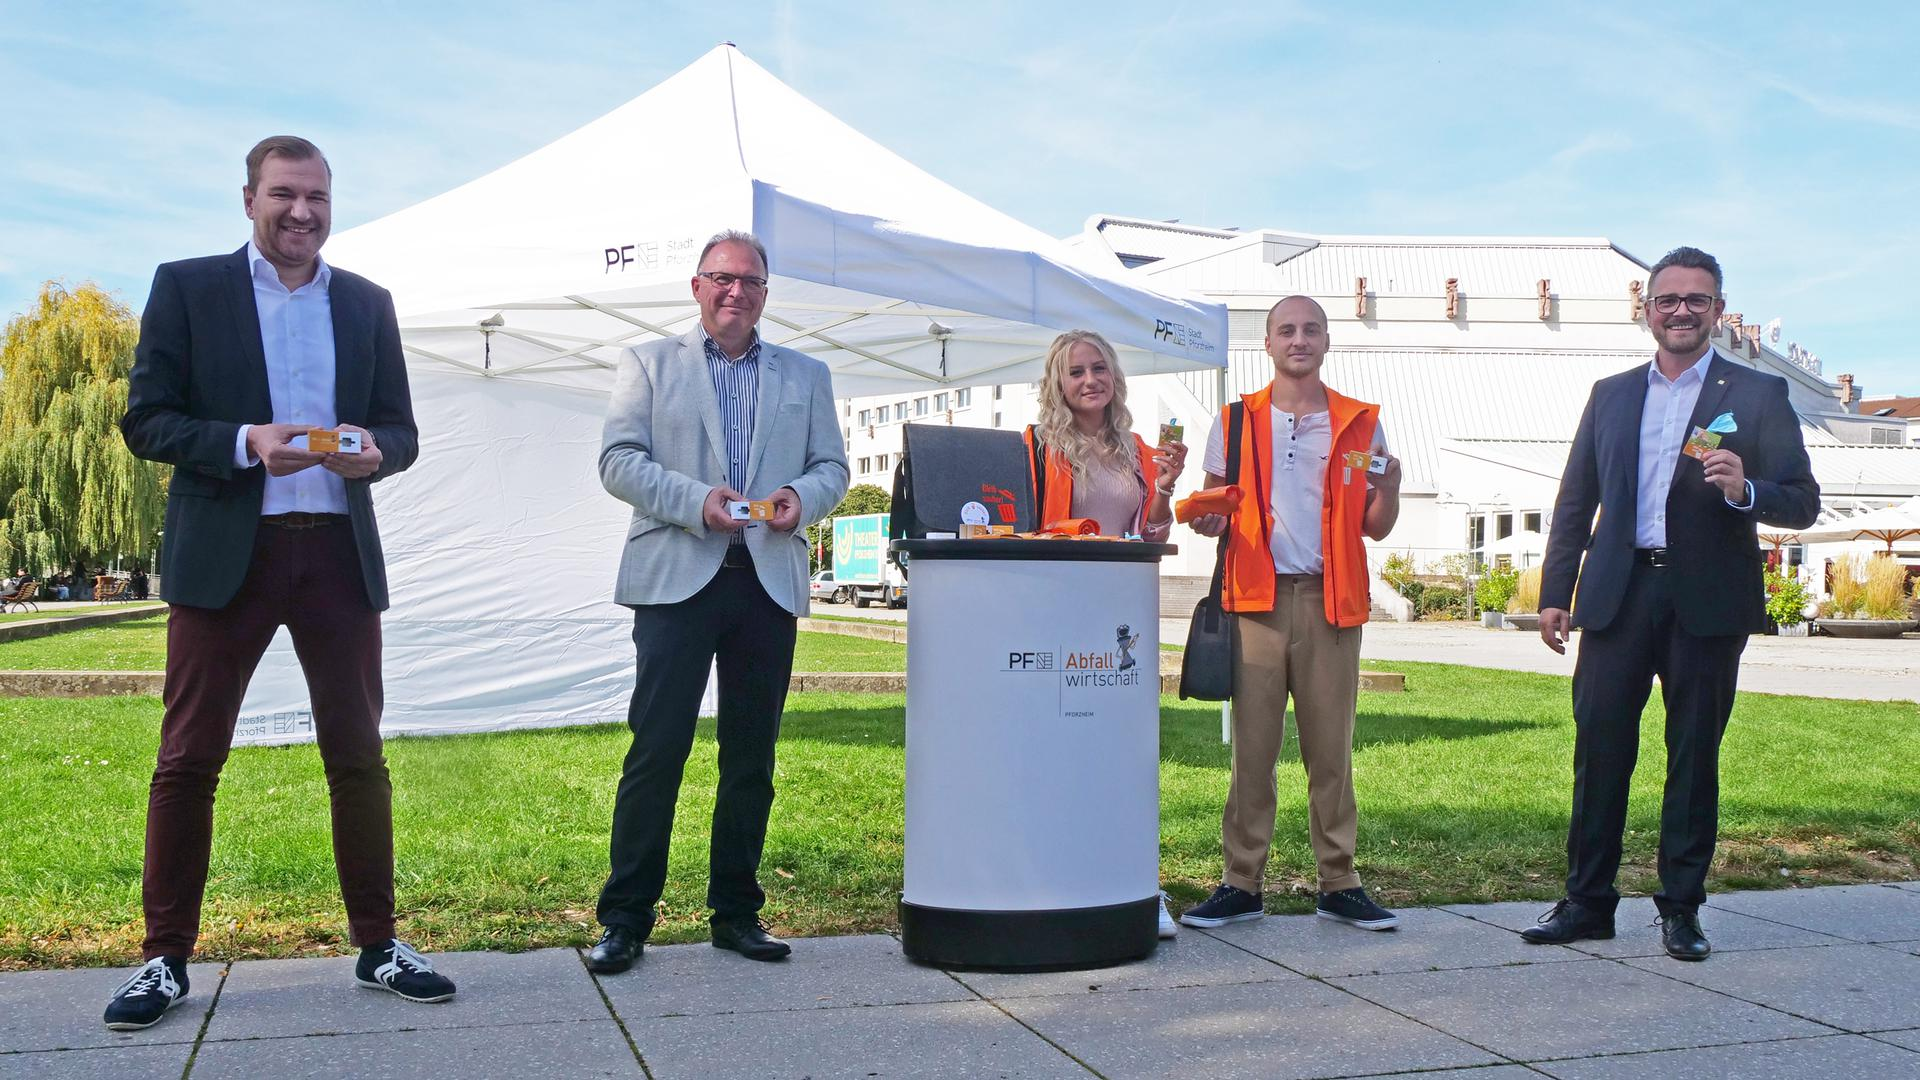 Positive Bilanz: Nach drei Monaten sind Michael von Rüden, Jürgen Förschler, Livia Hewig, Tarik Mais und Oberbürgermeister Peter Boch (von links) mit den Ergebnissen zufrieden